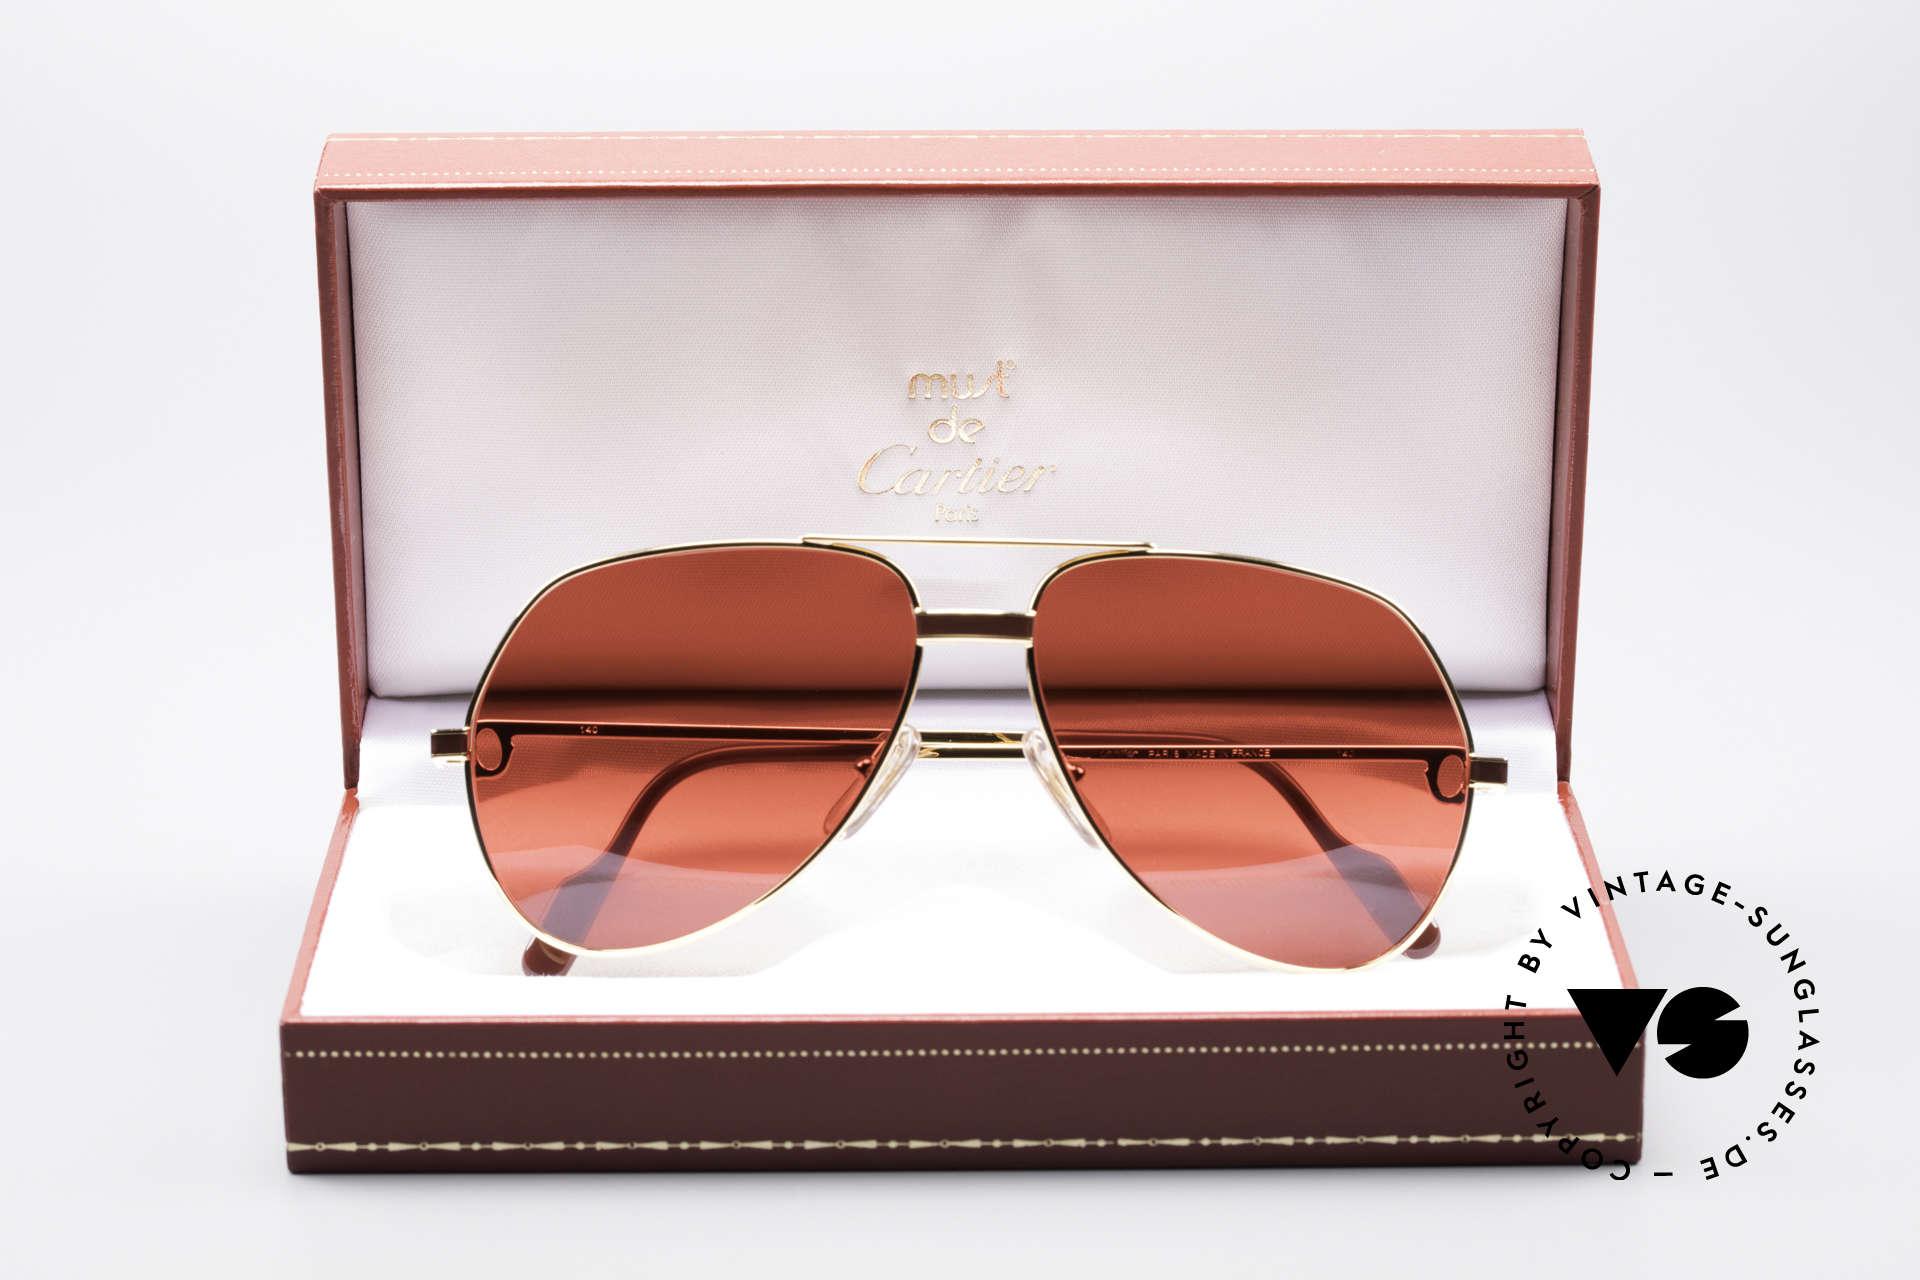 Cartier Vendome Laque - M Luxus Vintage Sonnenbrille, absolute Luxus-Fassung (22kt vergoldet) im Pilotenstil, Passend für Herren und Damen